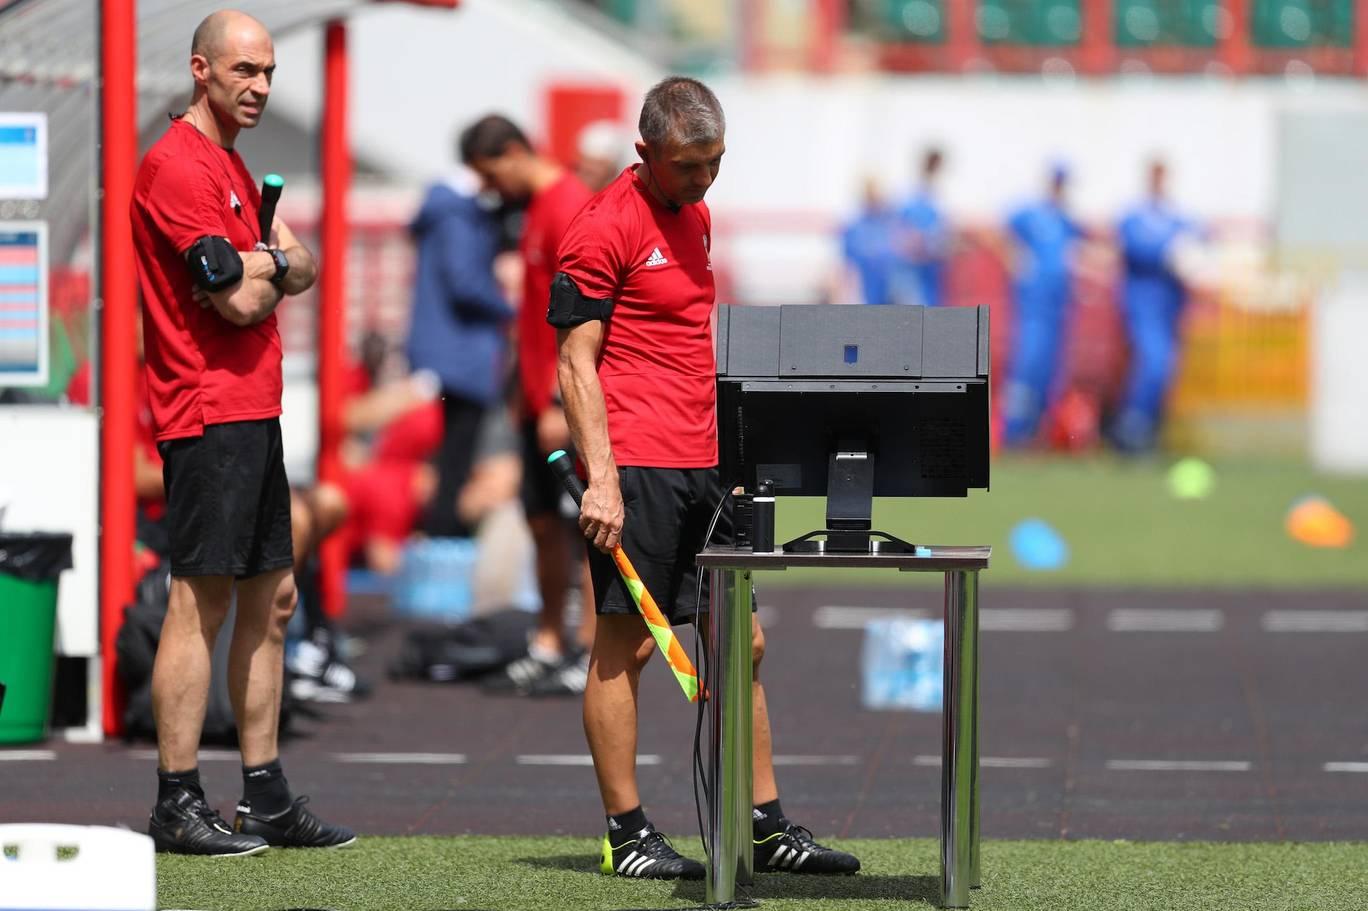 تکنولوژی VAR در فوتبال